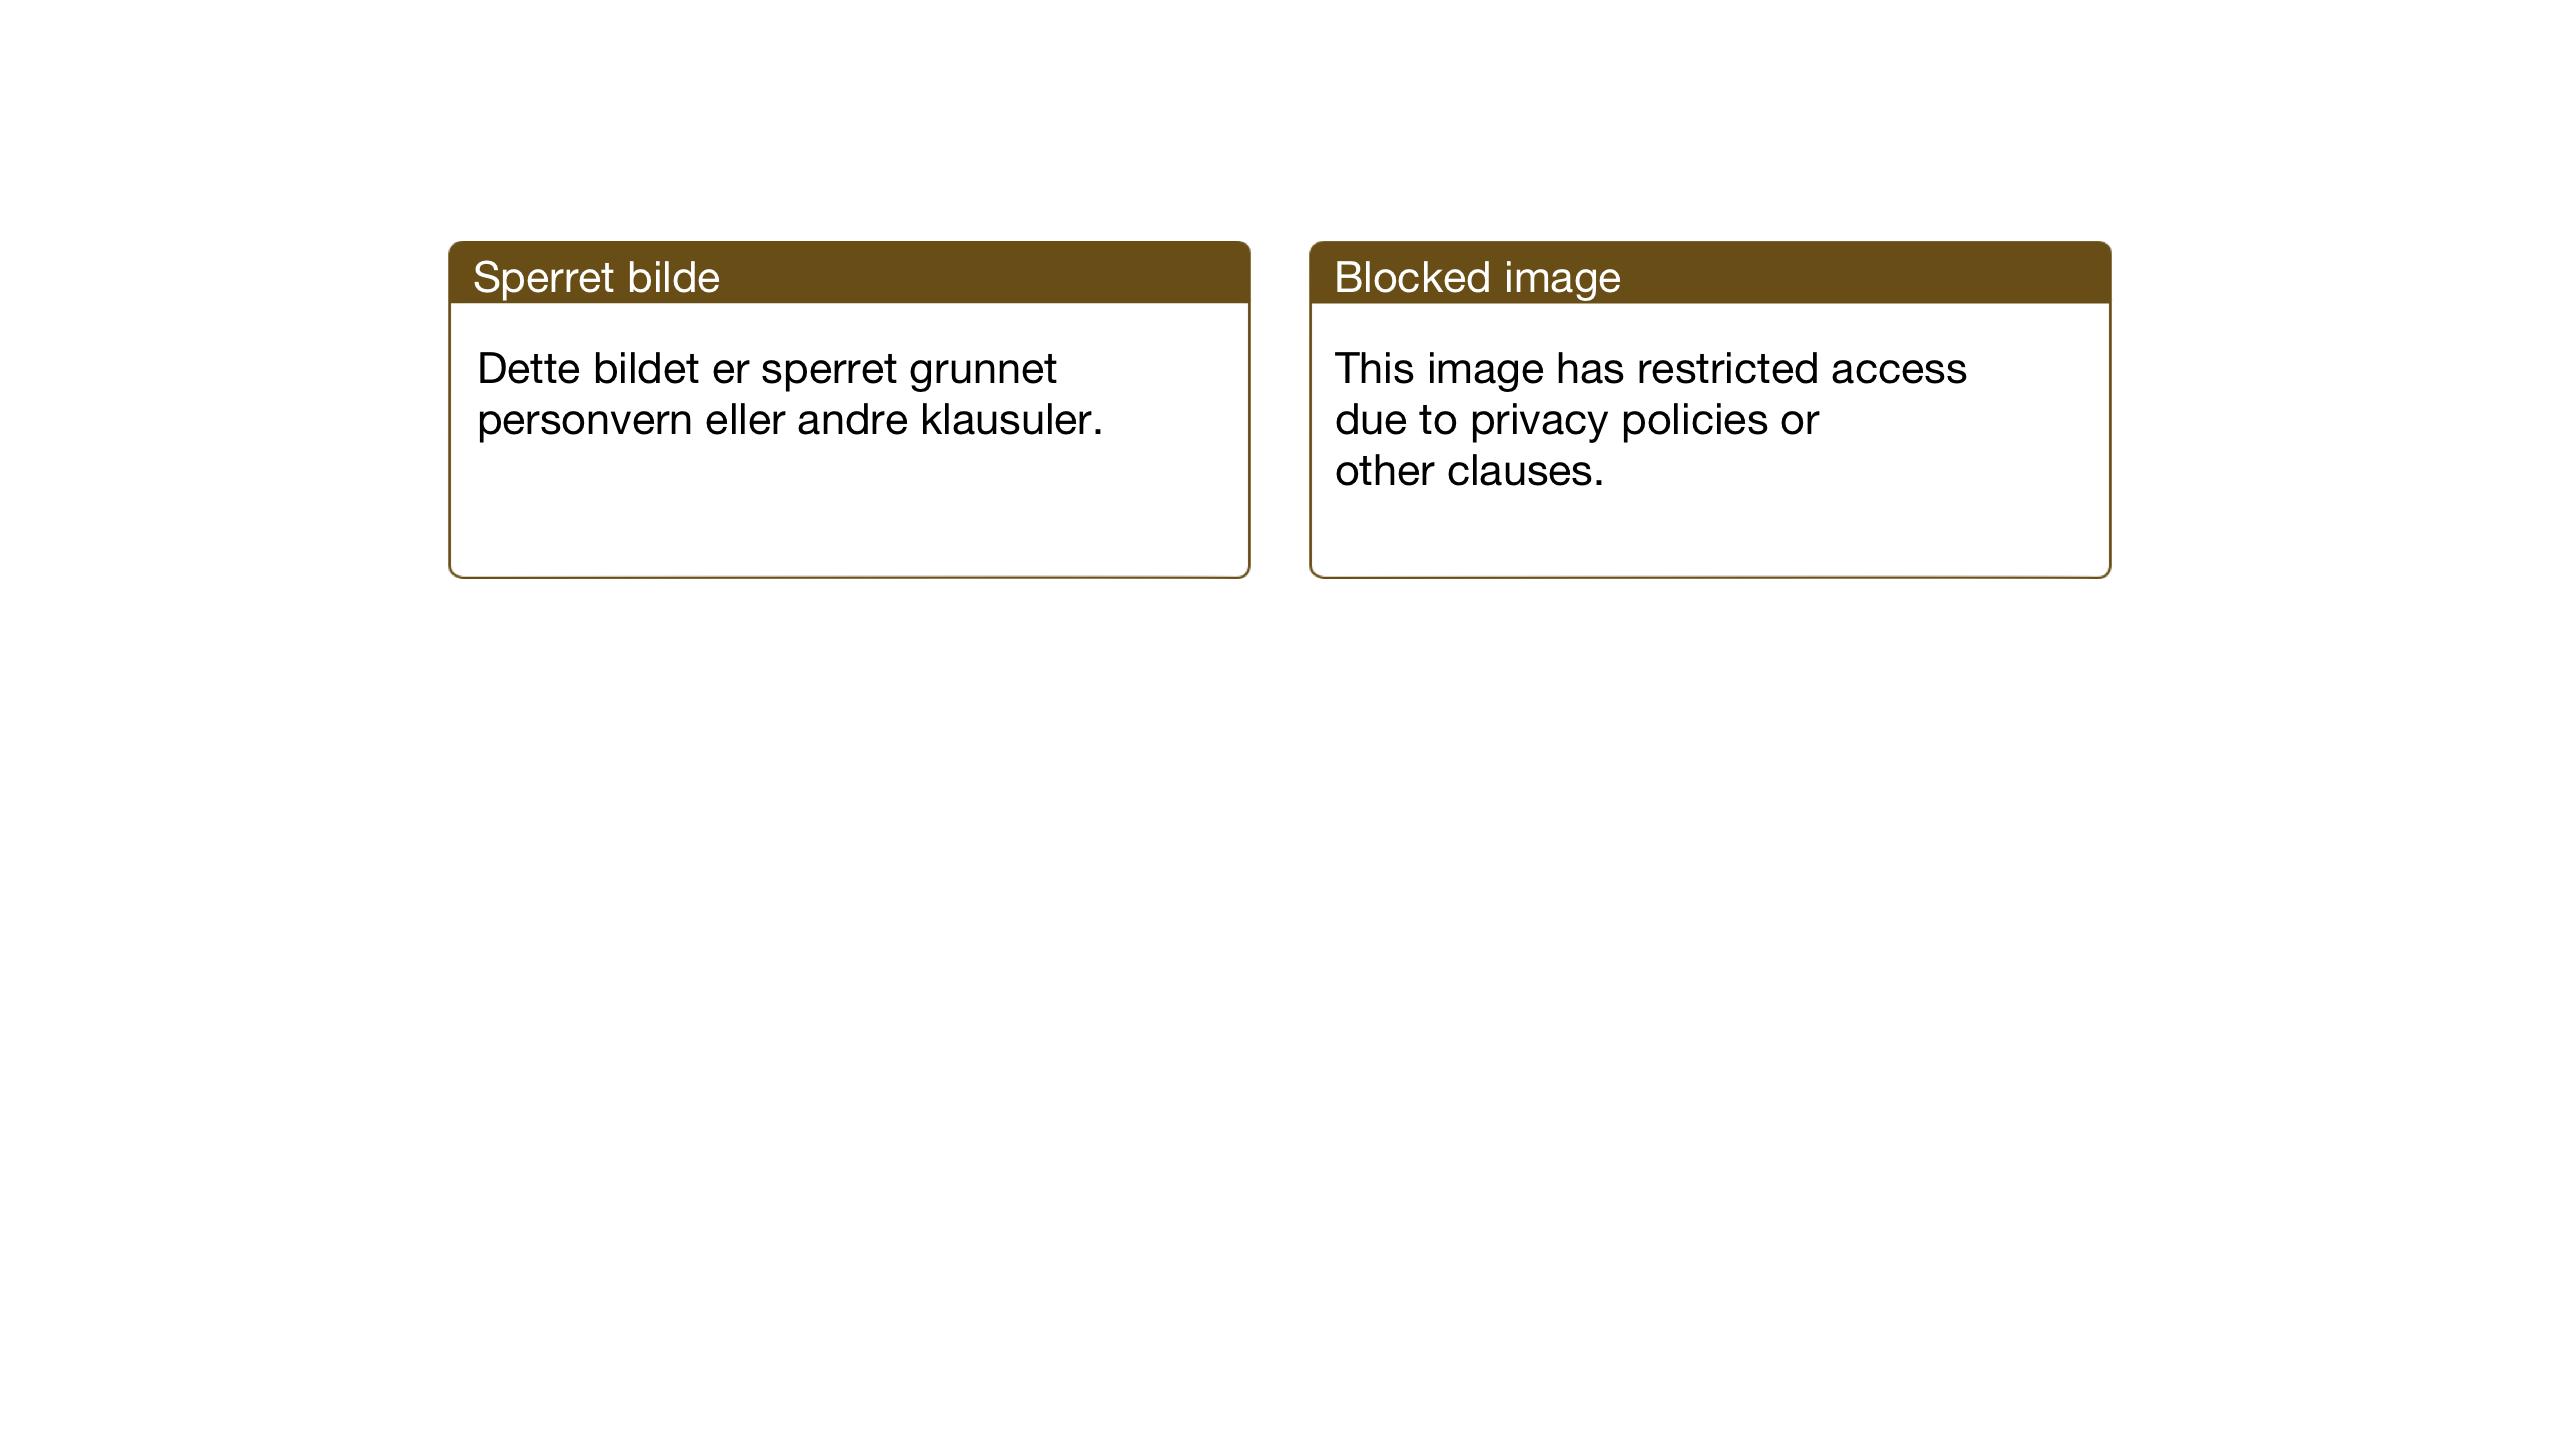 SAT, Ministerialprotokoller, klokkerbøker og fødselsregistre - Nord-Trøndelag, 755/L0500: Klokkerbok nr. 755C01, 1920-1962, s. 79